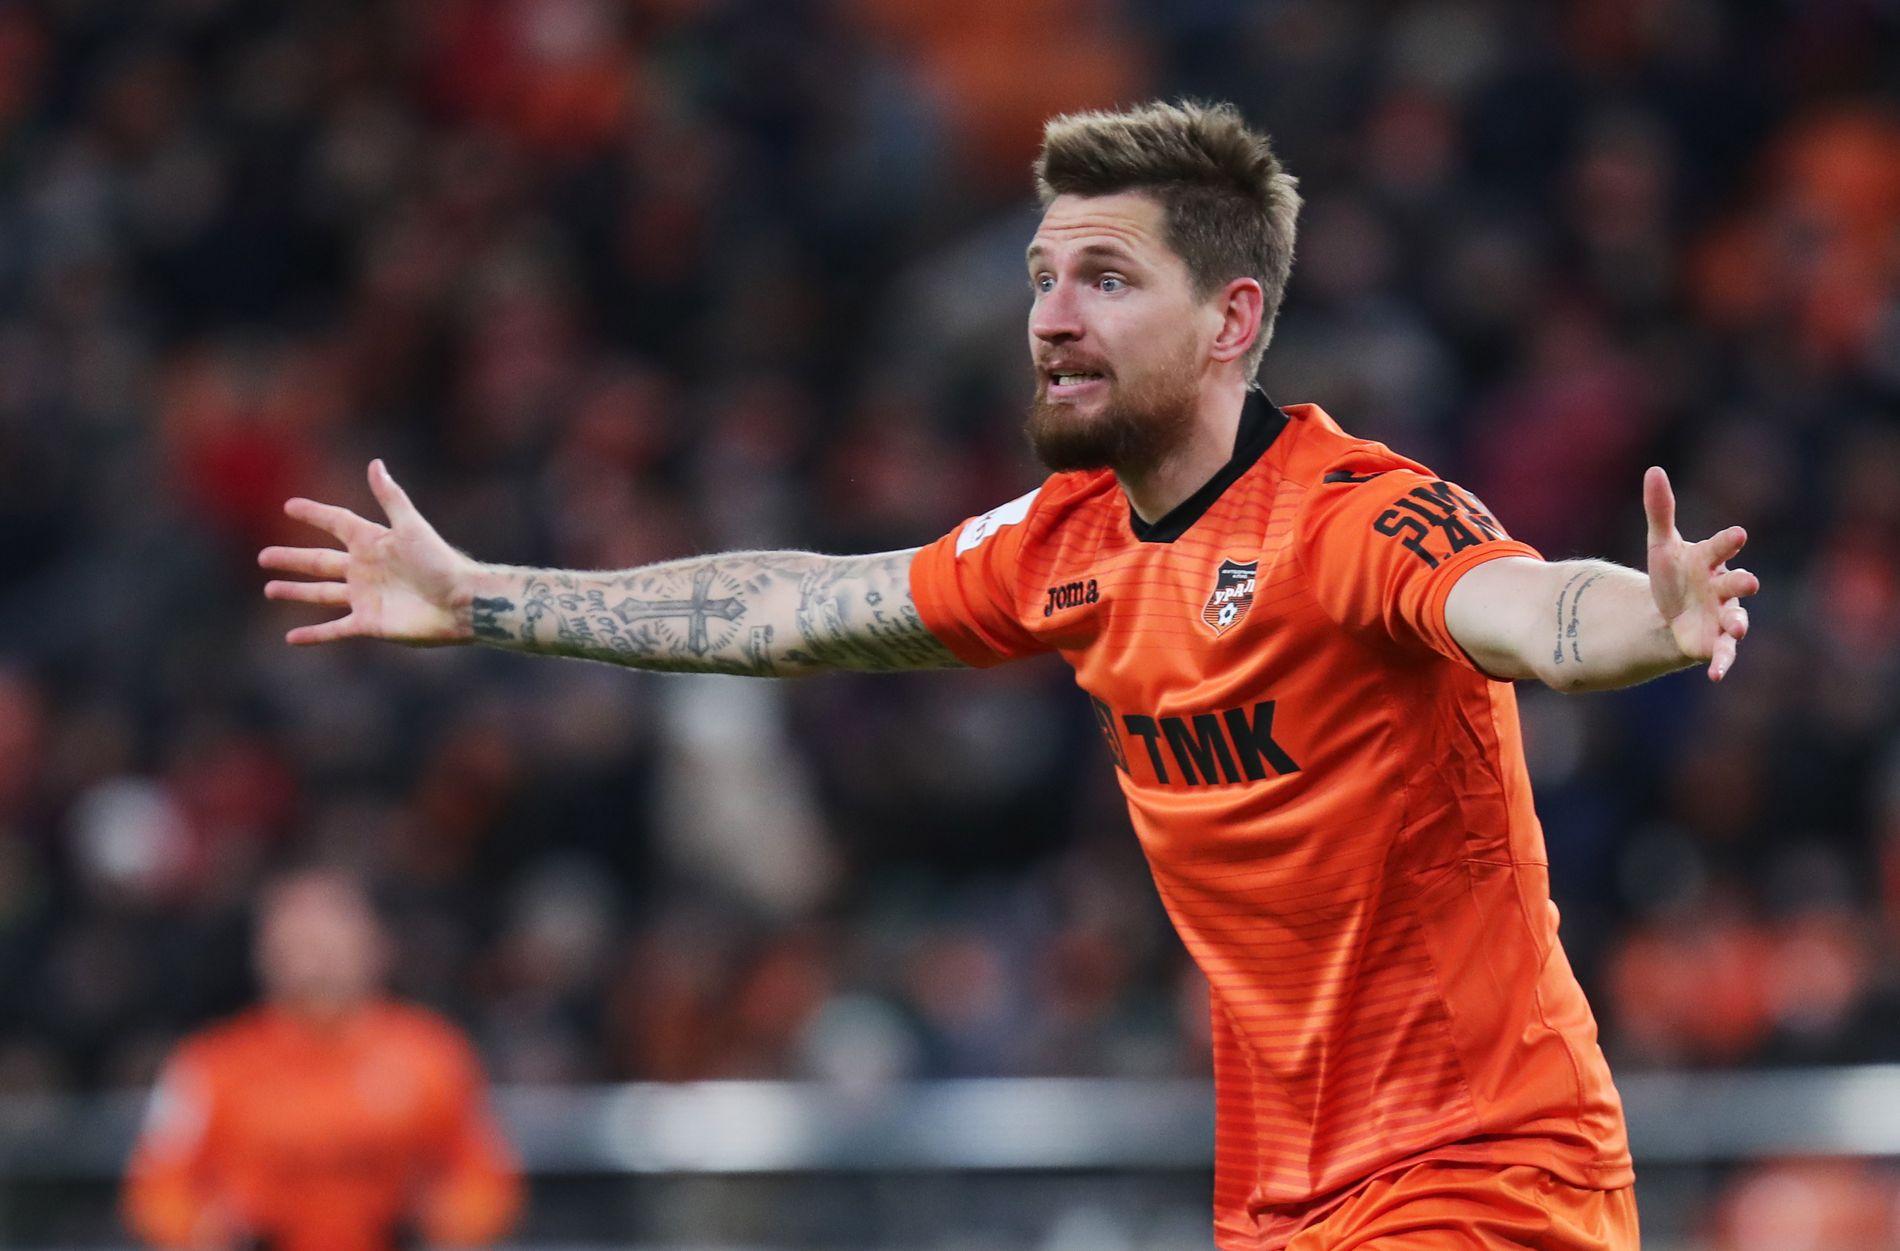 I NY DRAKT: Et halvår på lån i FC Ural har restartet karrieren til Stefan Strandberg etter over to år med lange skadeperioder i Krasnodar. Her fra den russiske cupsemifinalen denne våren.